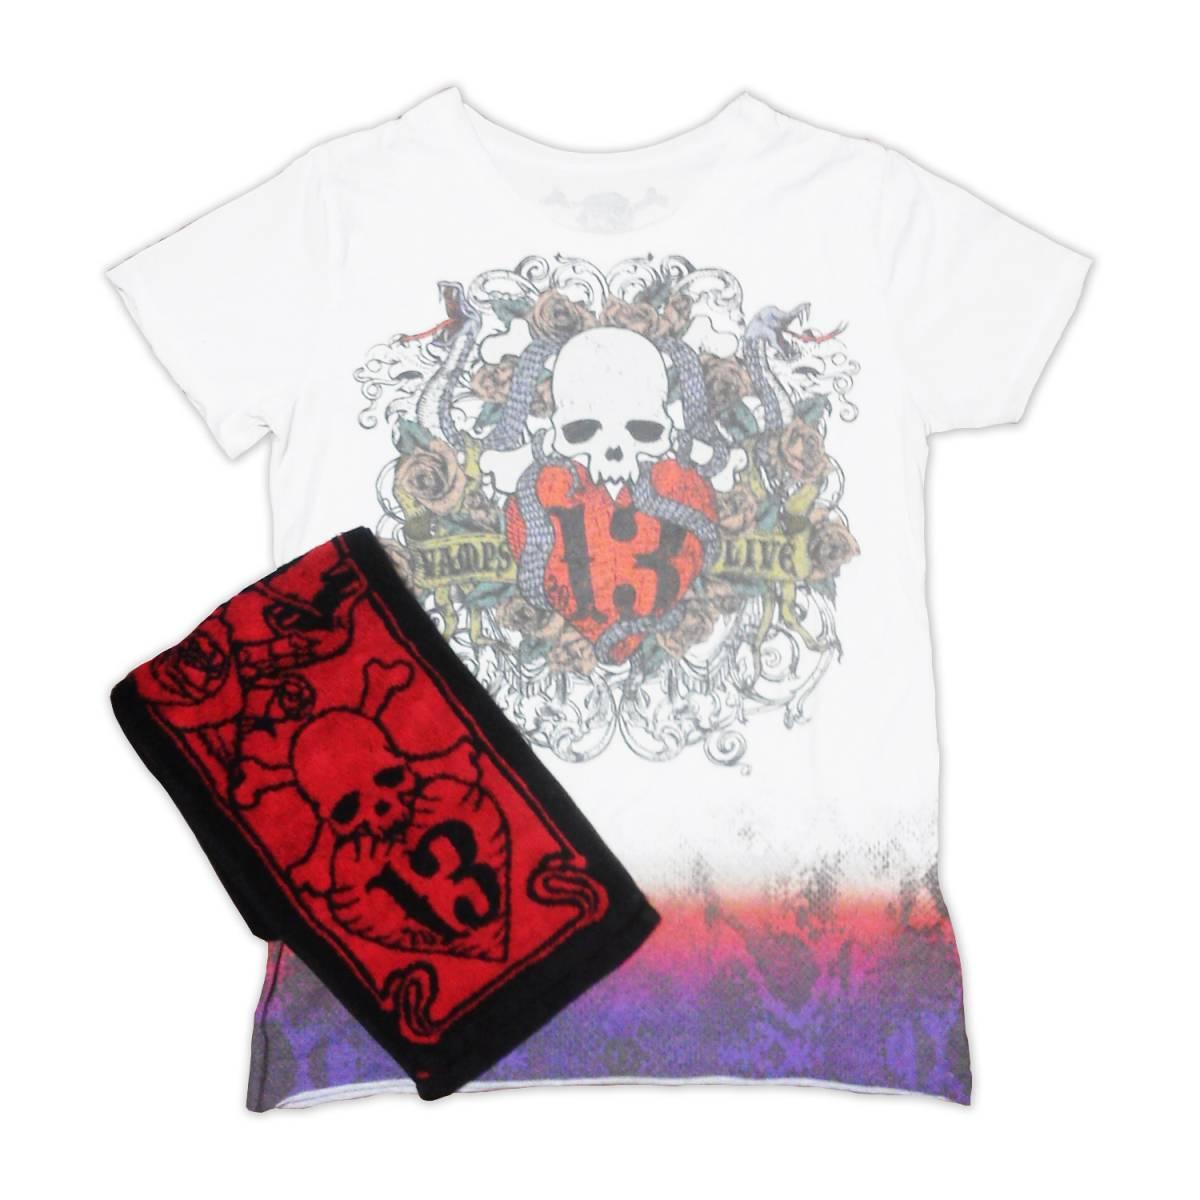 美品*VAMPS 2013年 ツアーTシャツ・マフラータオルセット*Sサイズ*L'Arc~en~Ciel、ラルク、hyde、Oblivion Dust、K.A.Z♪